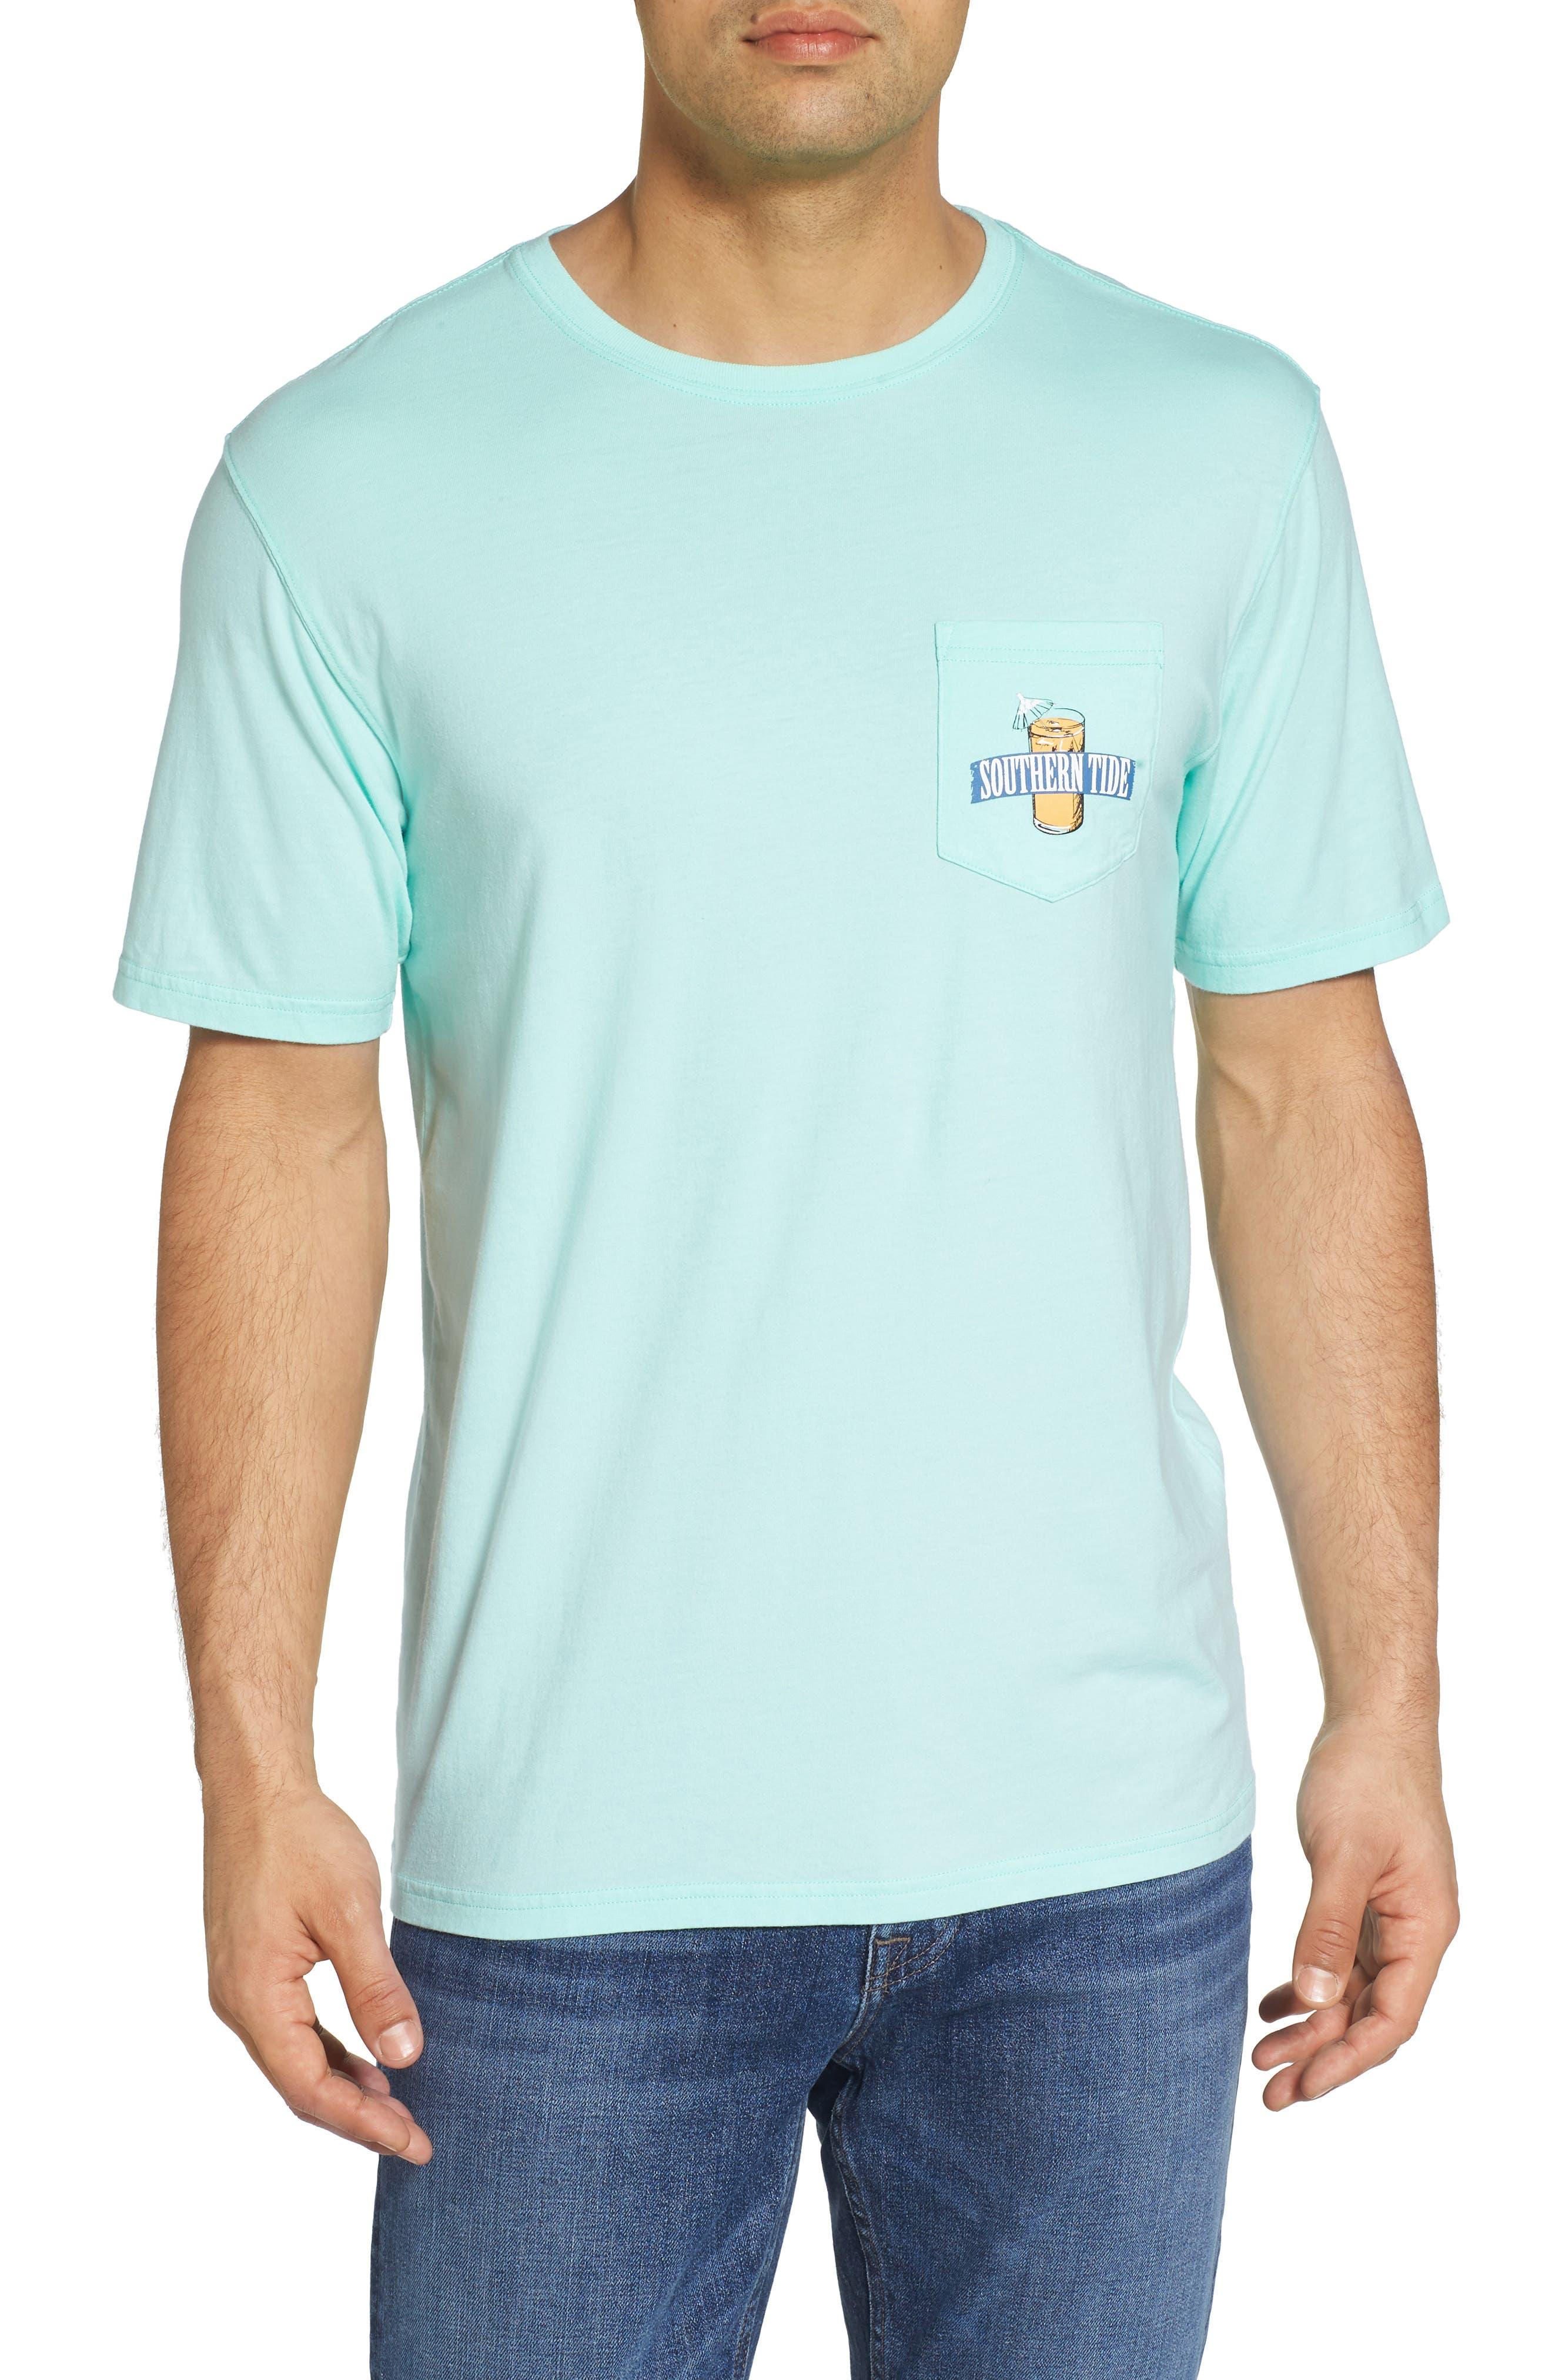 Southern Mix Crewneck T-Shirt,                             Main thumbnail 1, color,                             Off Shore Green